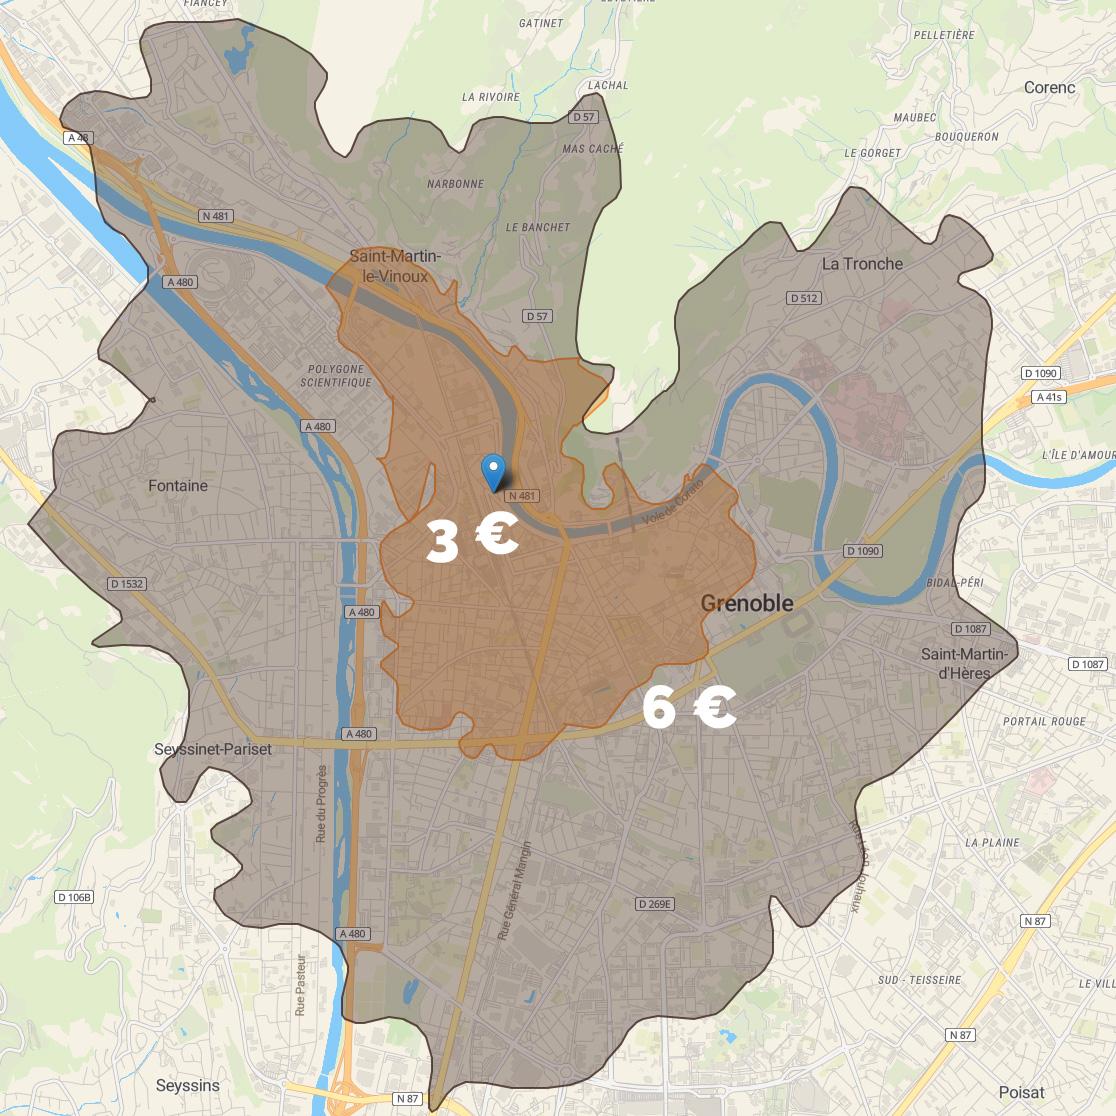 Le Souffle des Sens se déplace en entreprise ou à domicile dans la ville de Grenoble et environs proches pour 3 à 6 €.. Au-delà, comptez 0,25 € par kilomètre.